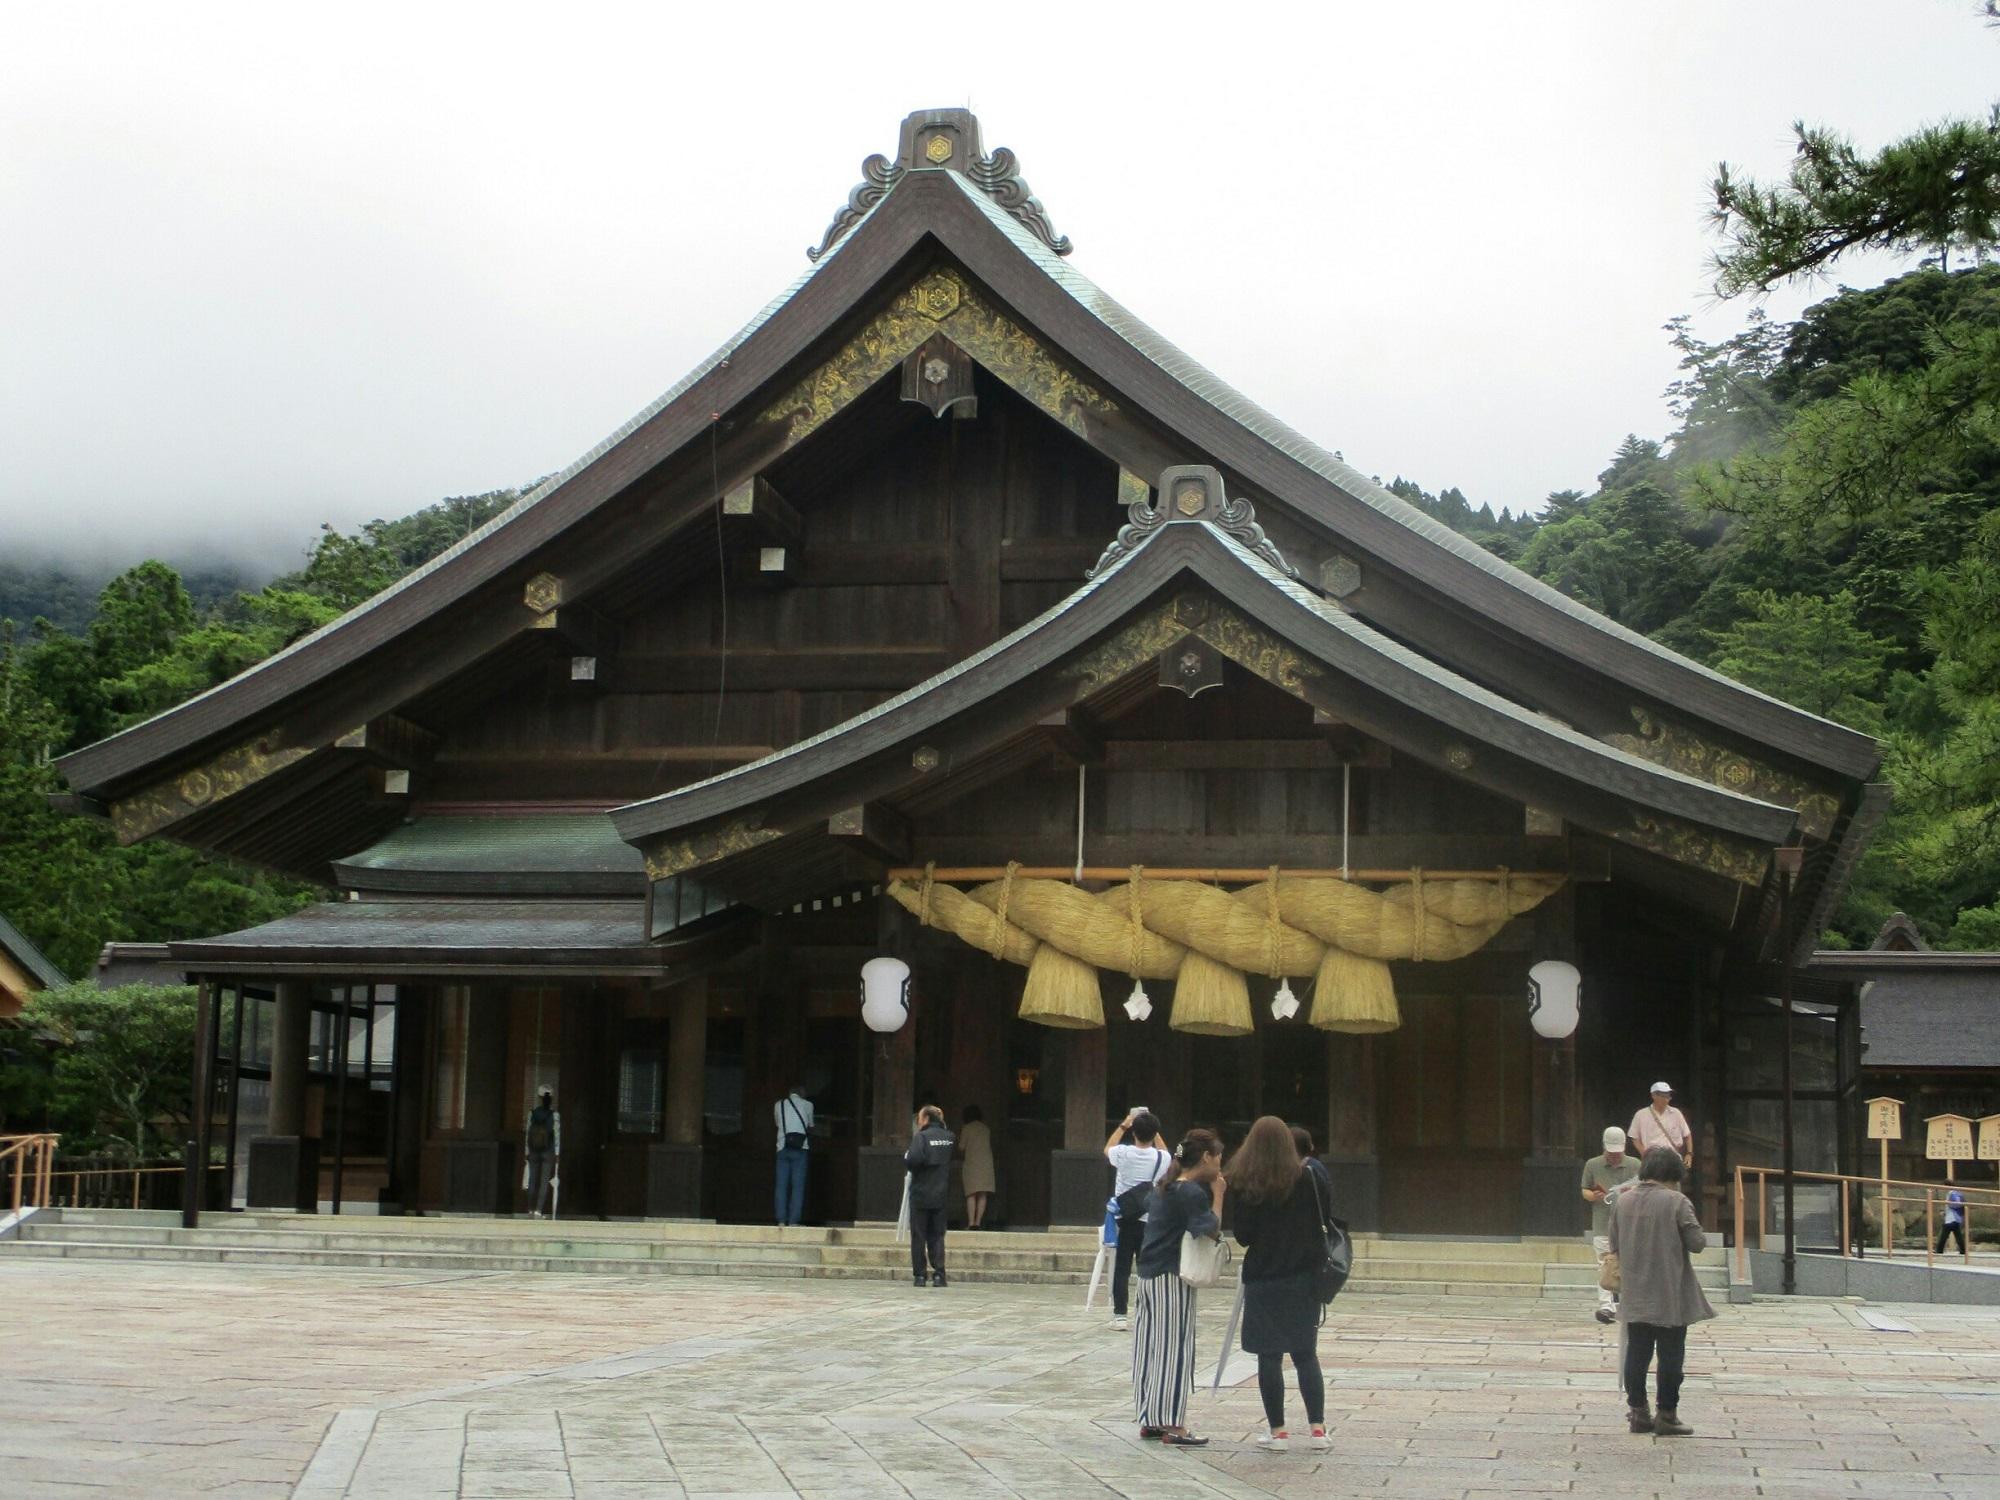 2018.7.6 (94) 出雲大社 - 拝殿 2000-1500